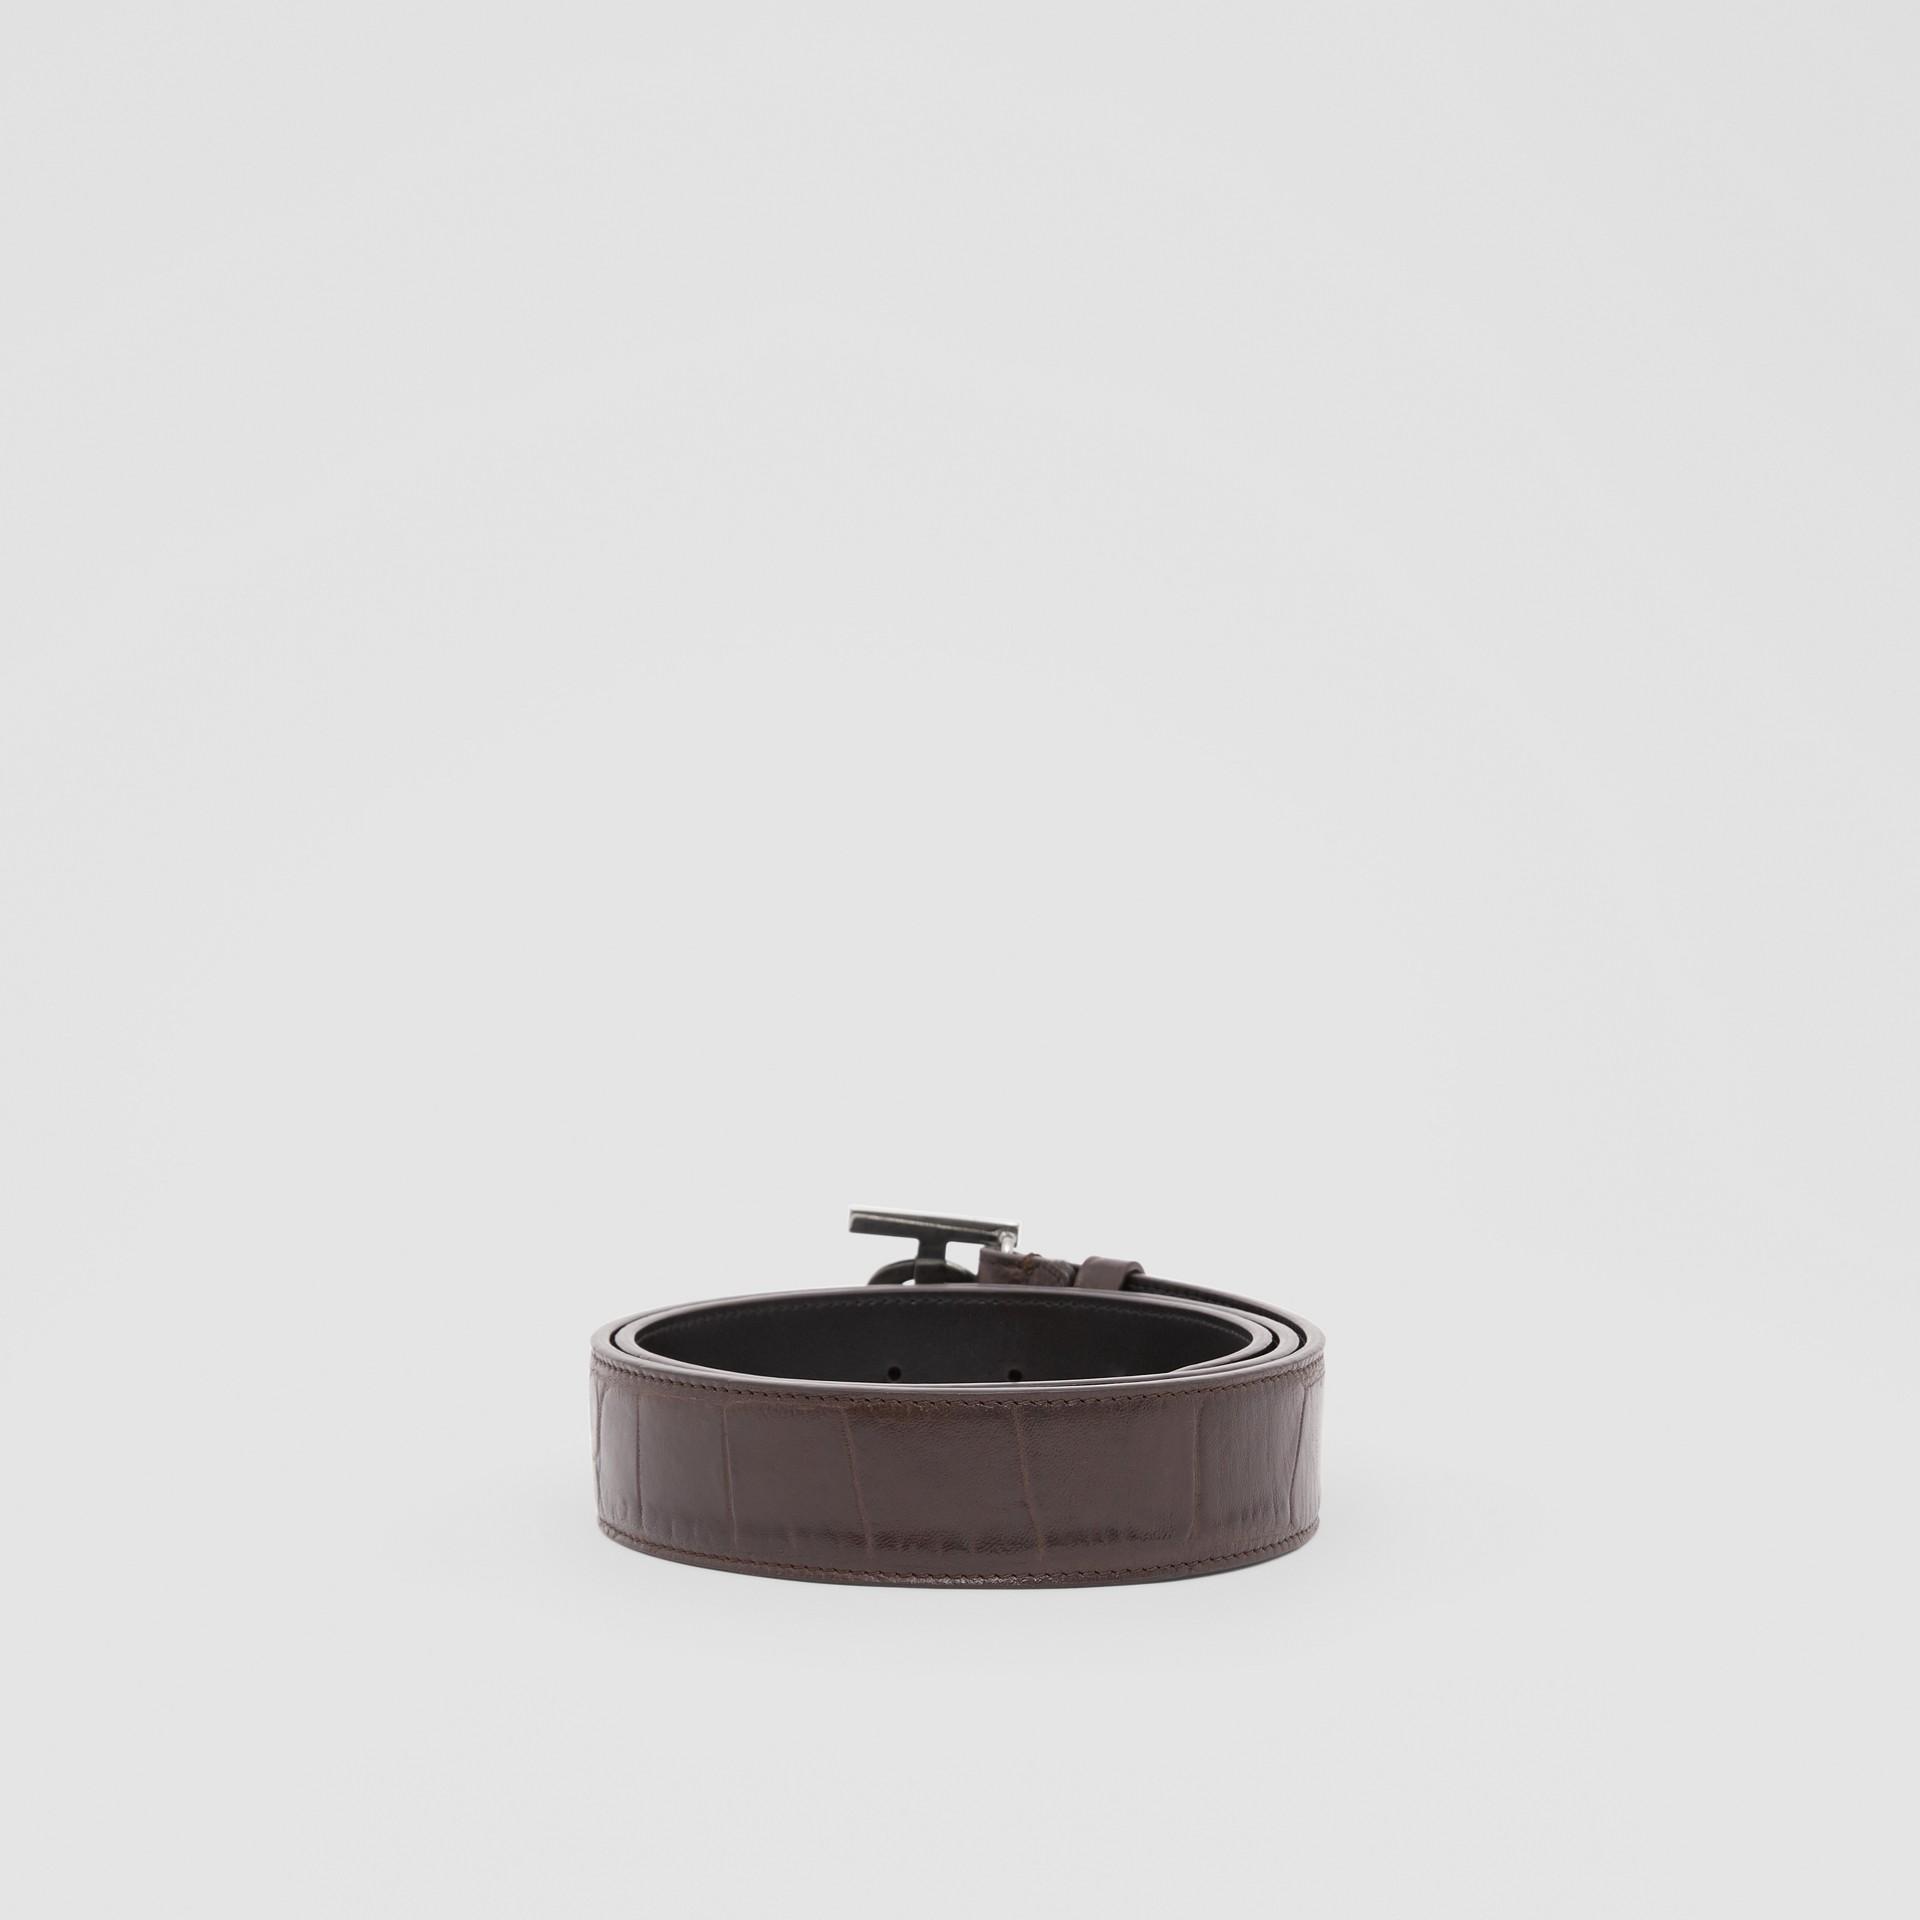 Monogram Motif Embossed Leather Belt in Brown - Men | Burberry United Kingdom - gallery image 4